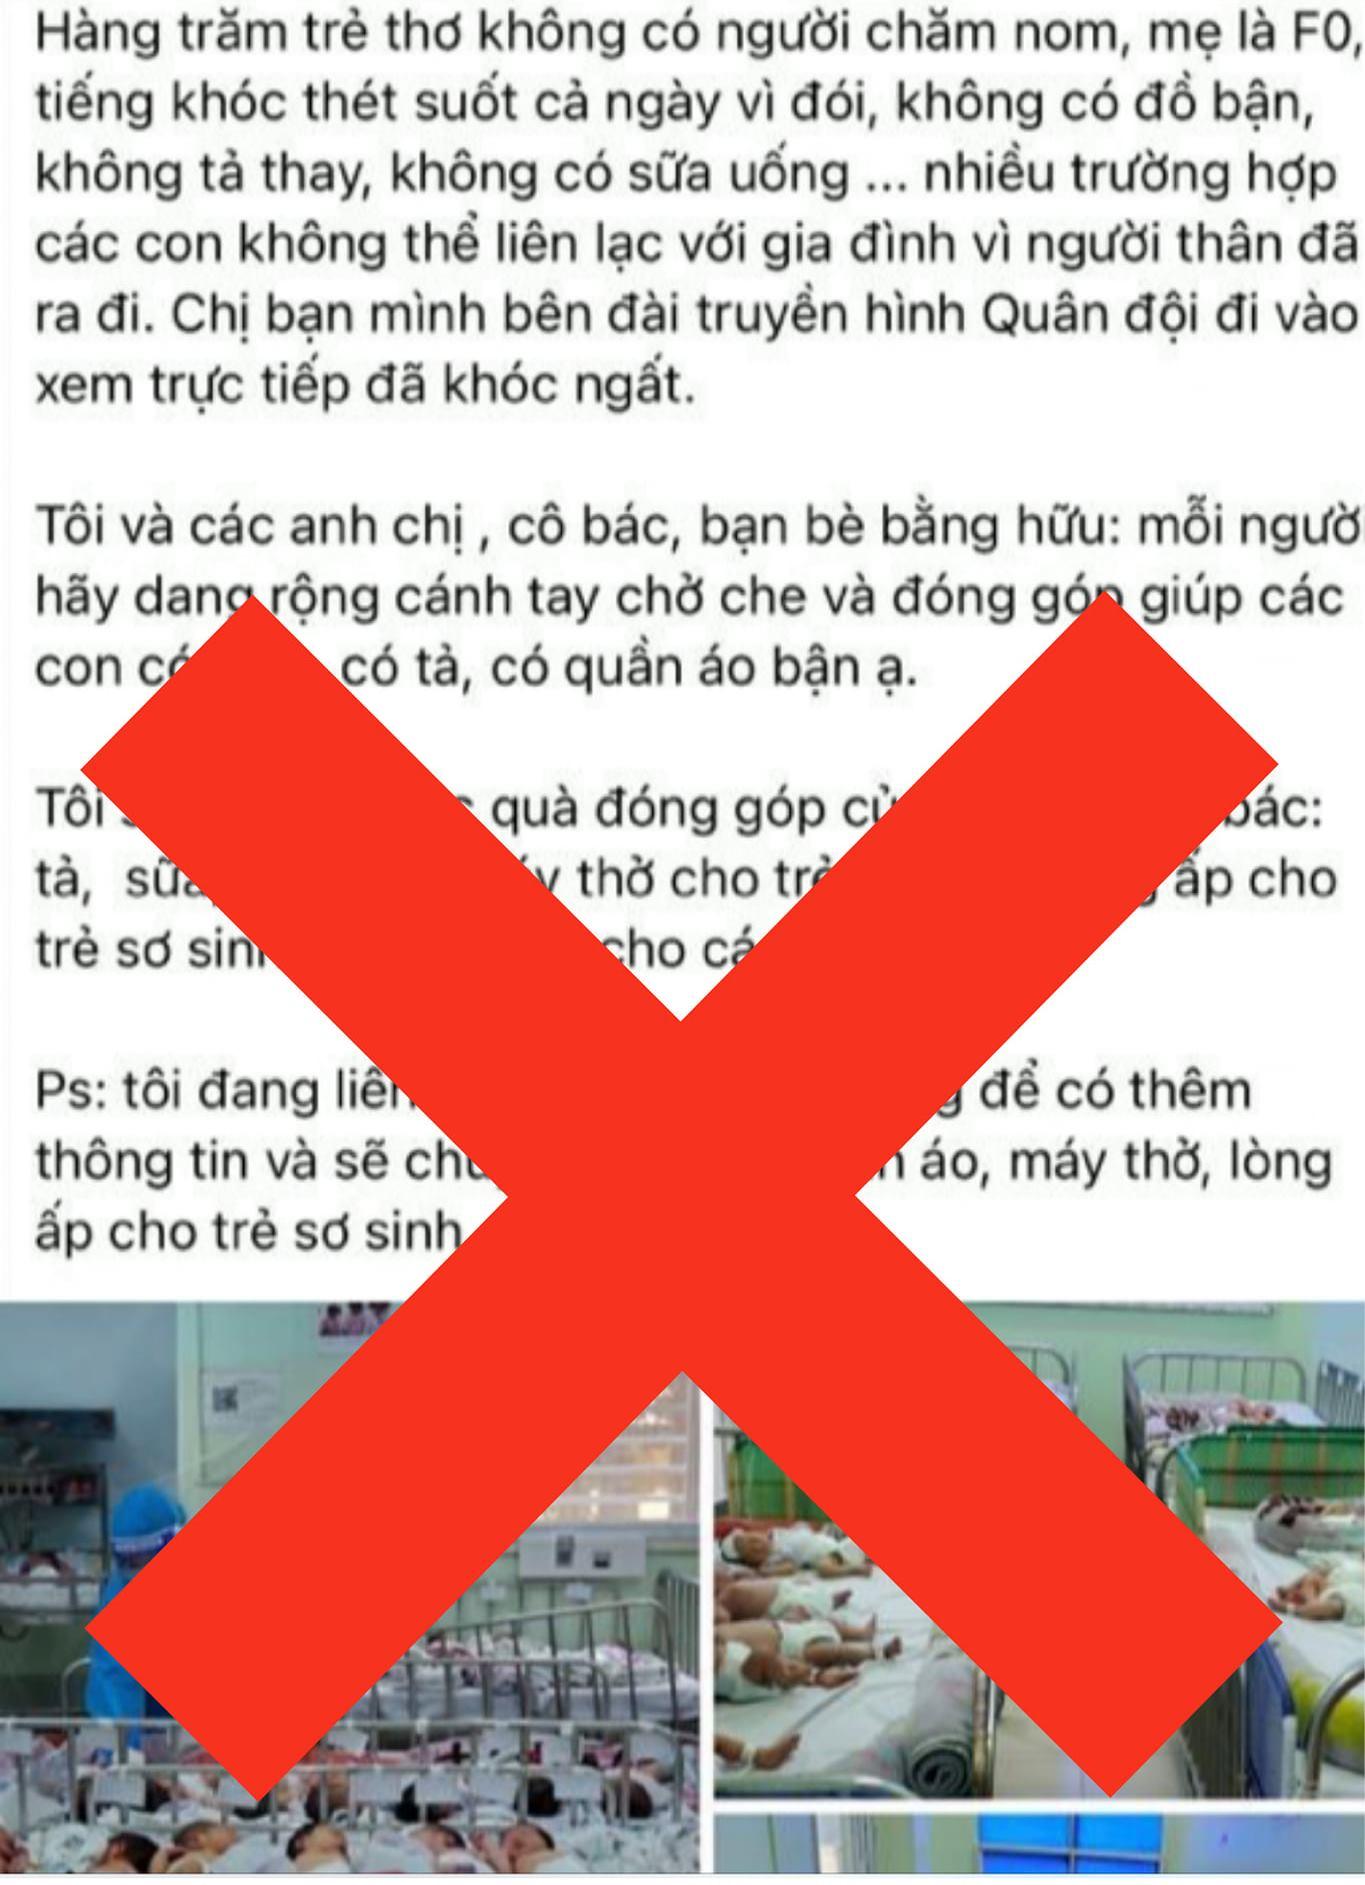 Trang chính thức của bệnh viên Hùng Vương đính chính thông tin các bé sơ sinh thiếu tã, sữa: 'Đây là những thông tin sai sự thật!' - Ảnh 2